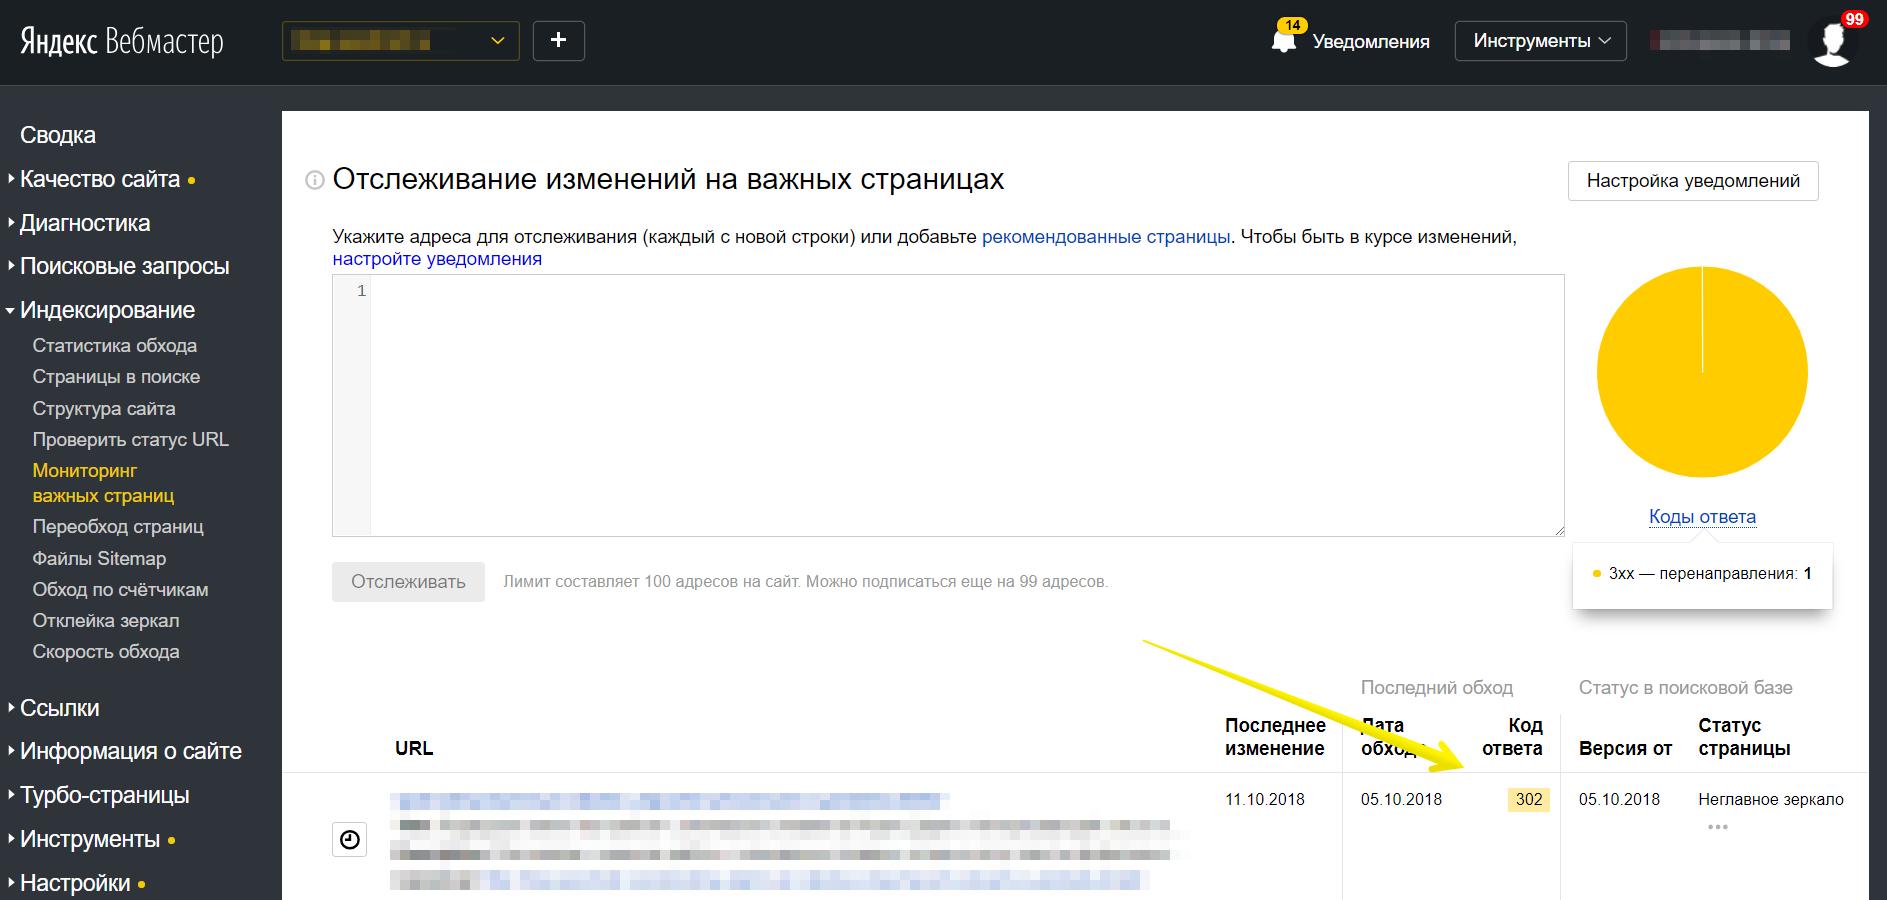 Инструмент Яндекс.Вебмастера для отслеживания статуса важных страниц